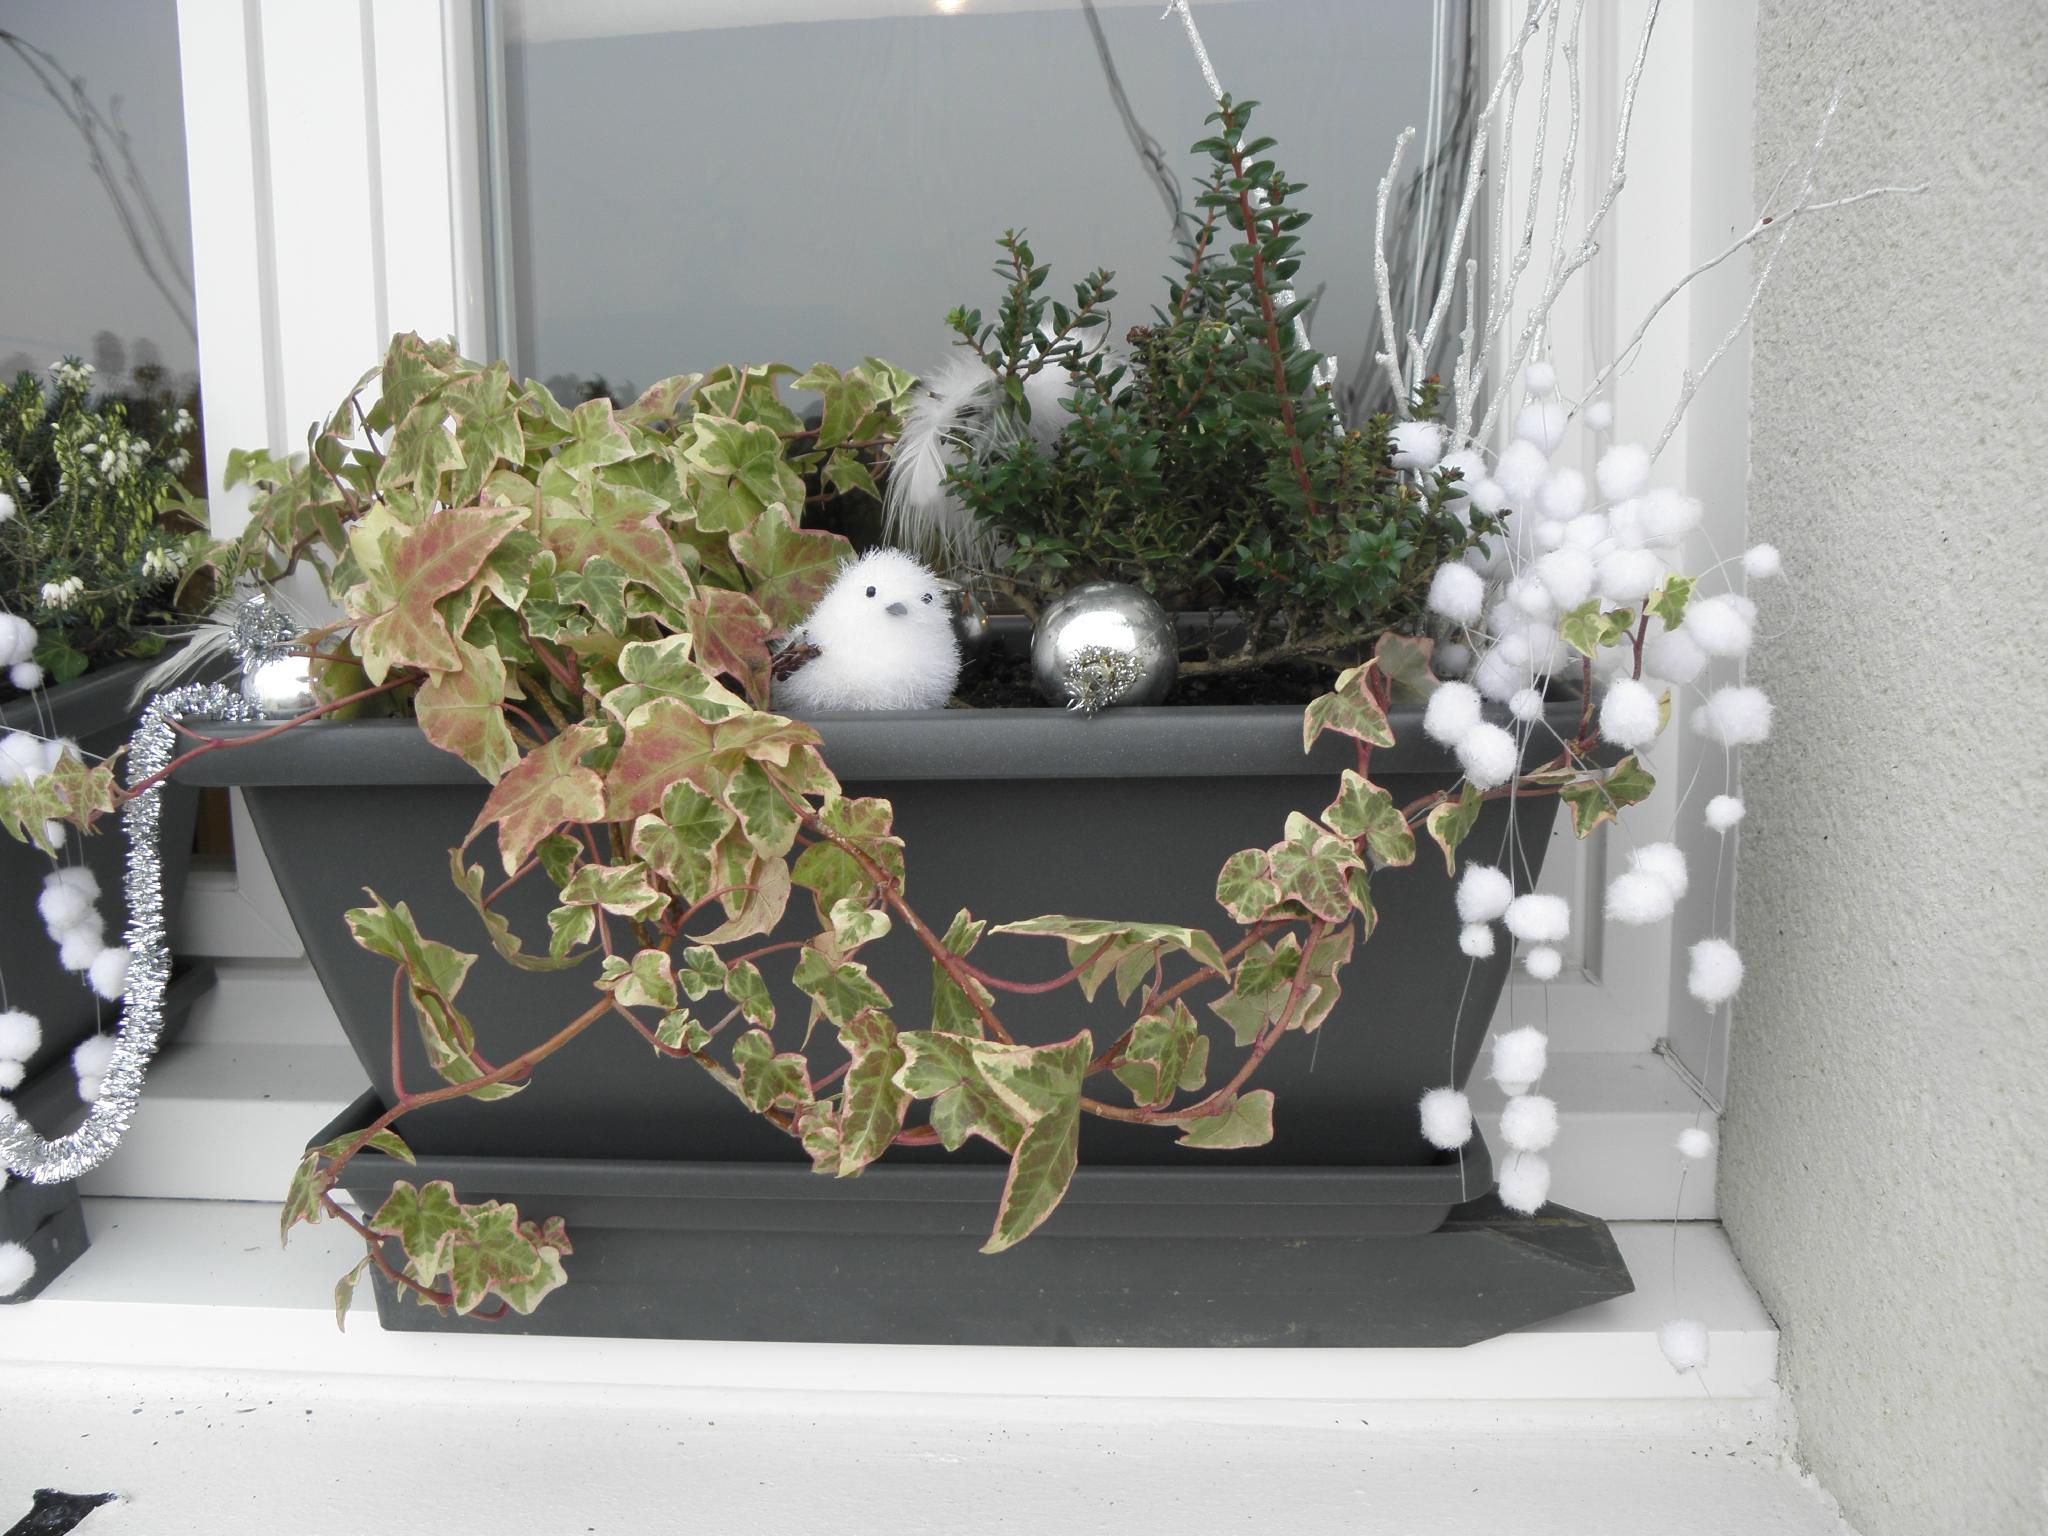 decoration jardiniere exterieure l 39 atelier des fleurs. Black Bedroom Furniture Sets. Home Design Ideas